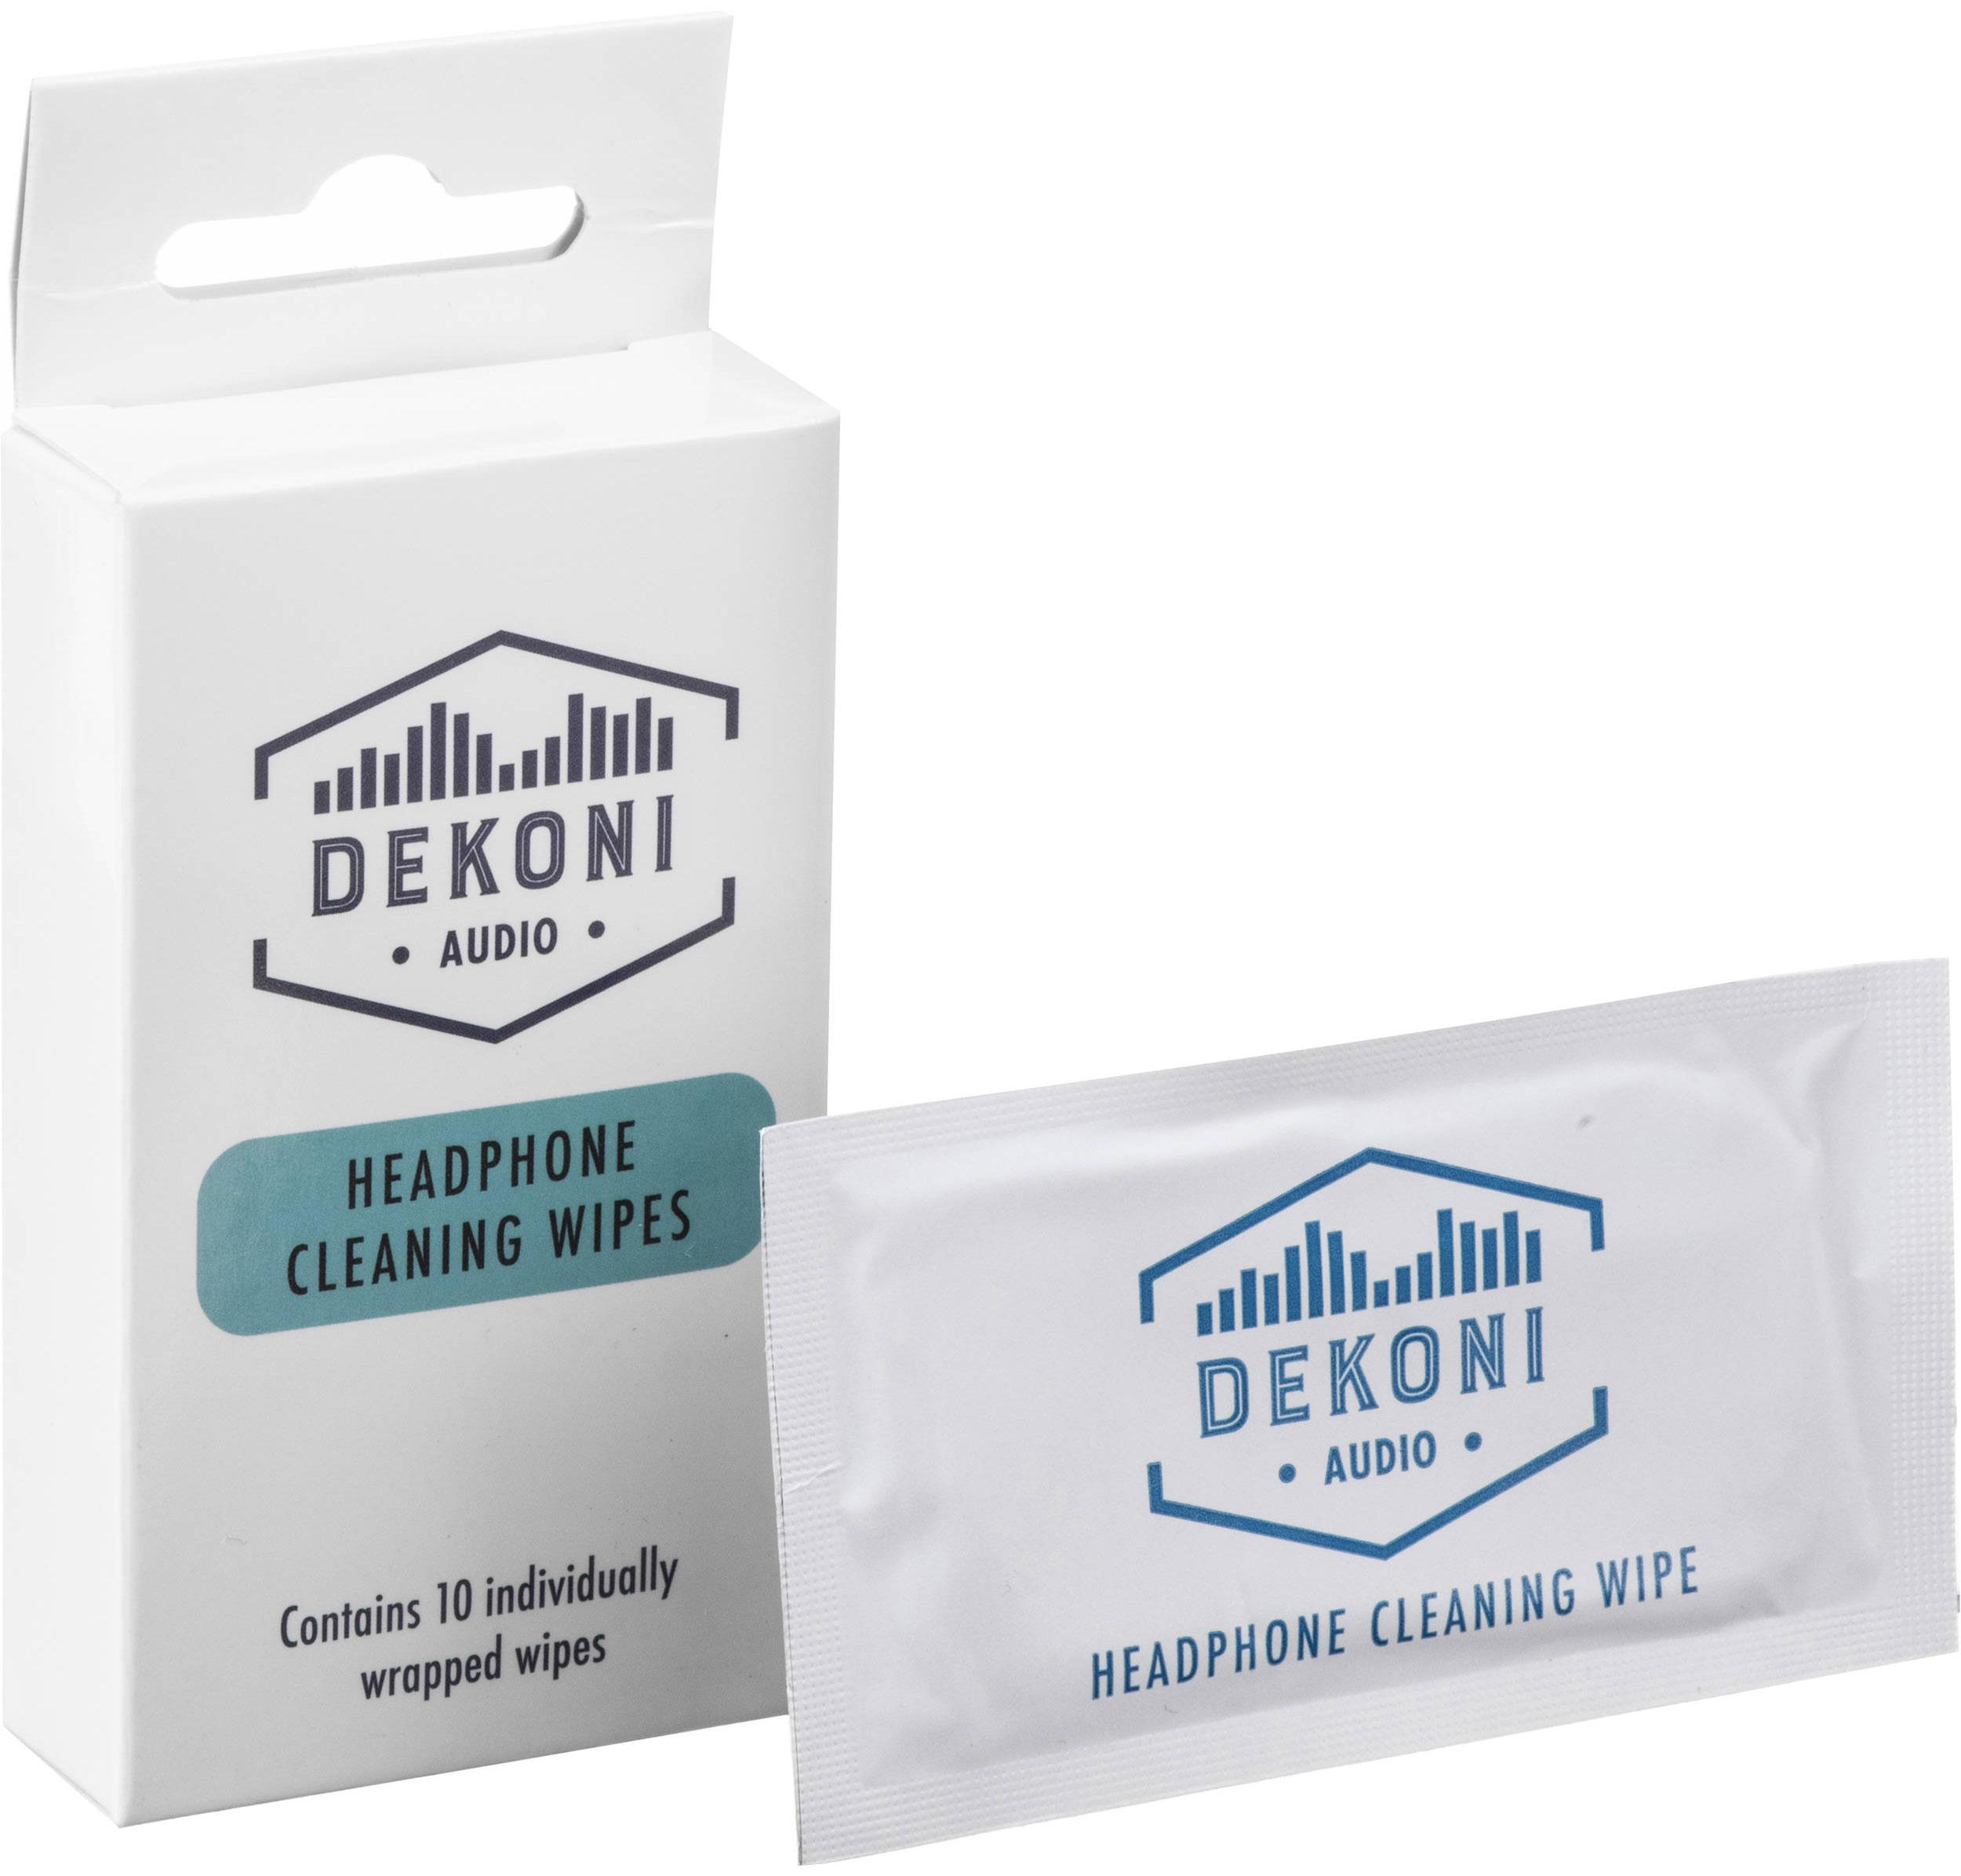 Dekoni Audio Headphone Cleaning Wipes